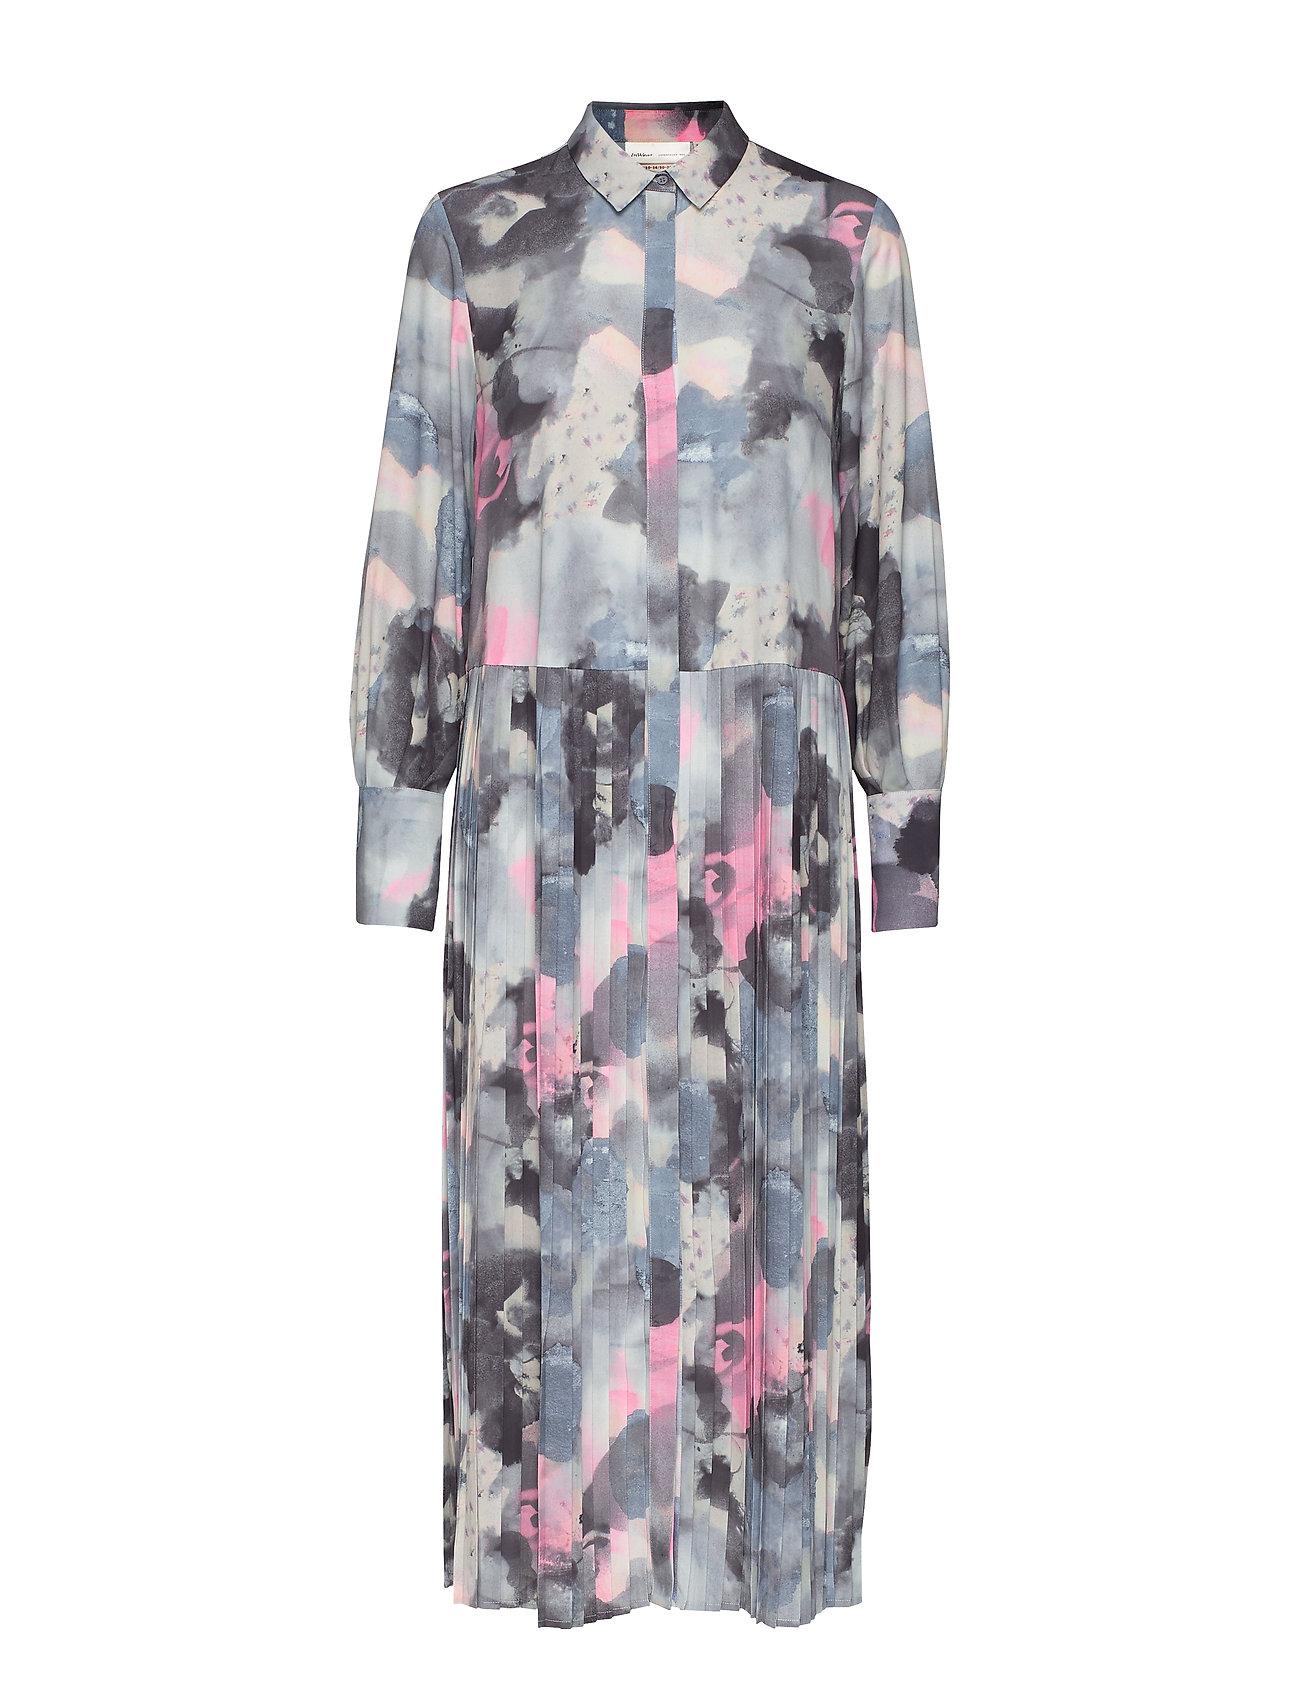 InWear IW50 36 NaomiIW Dress - STORMY SKY